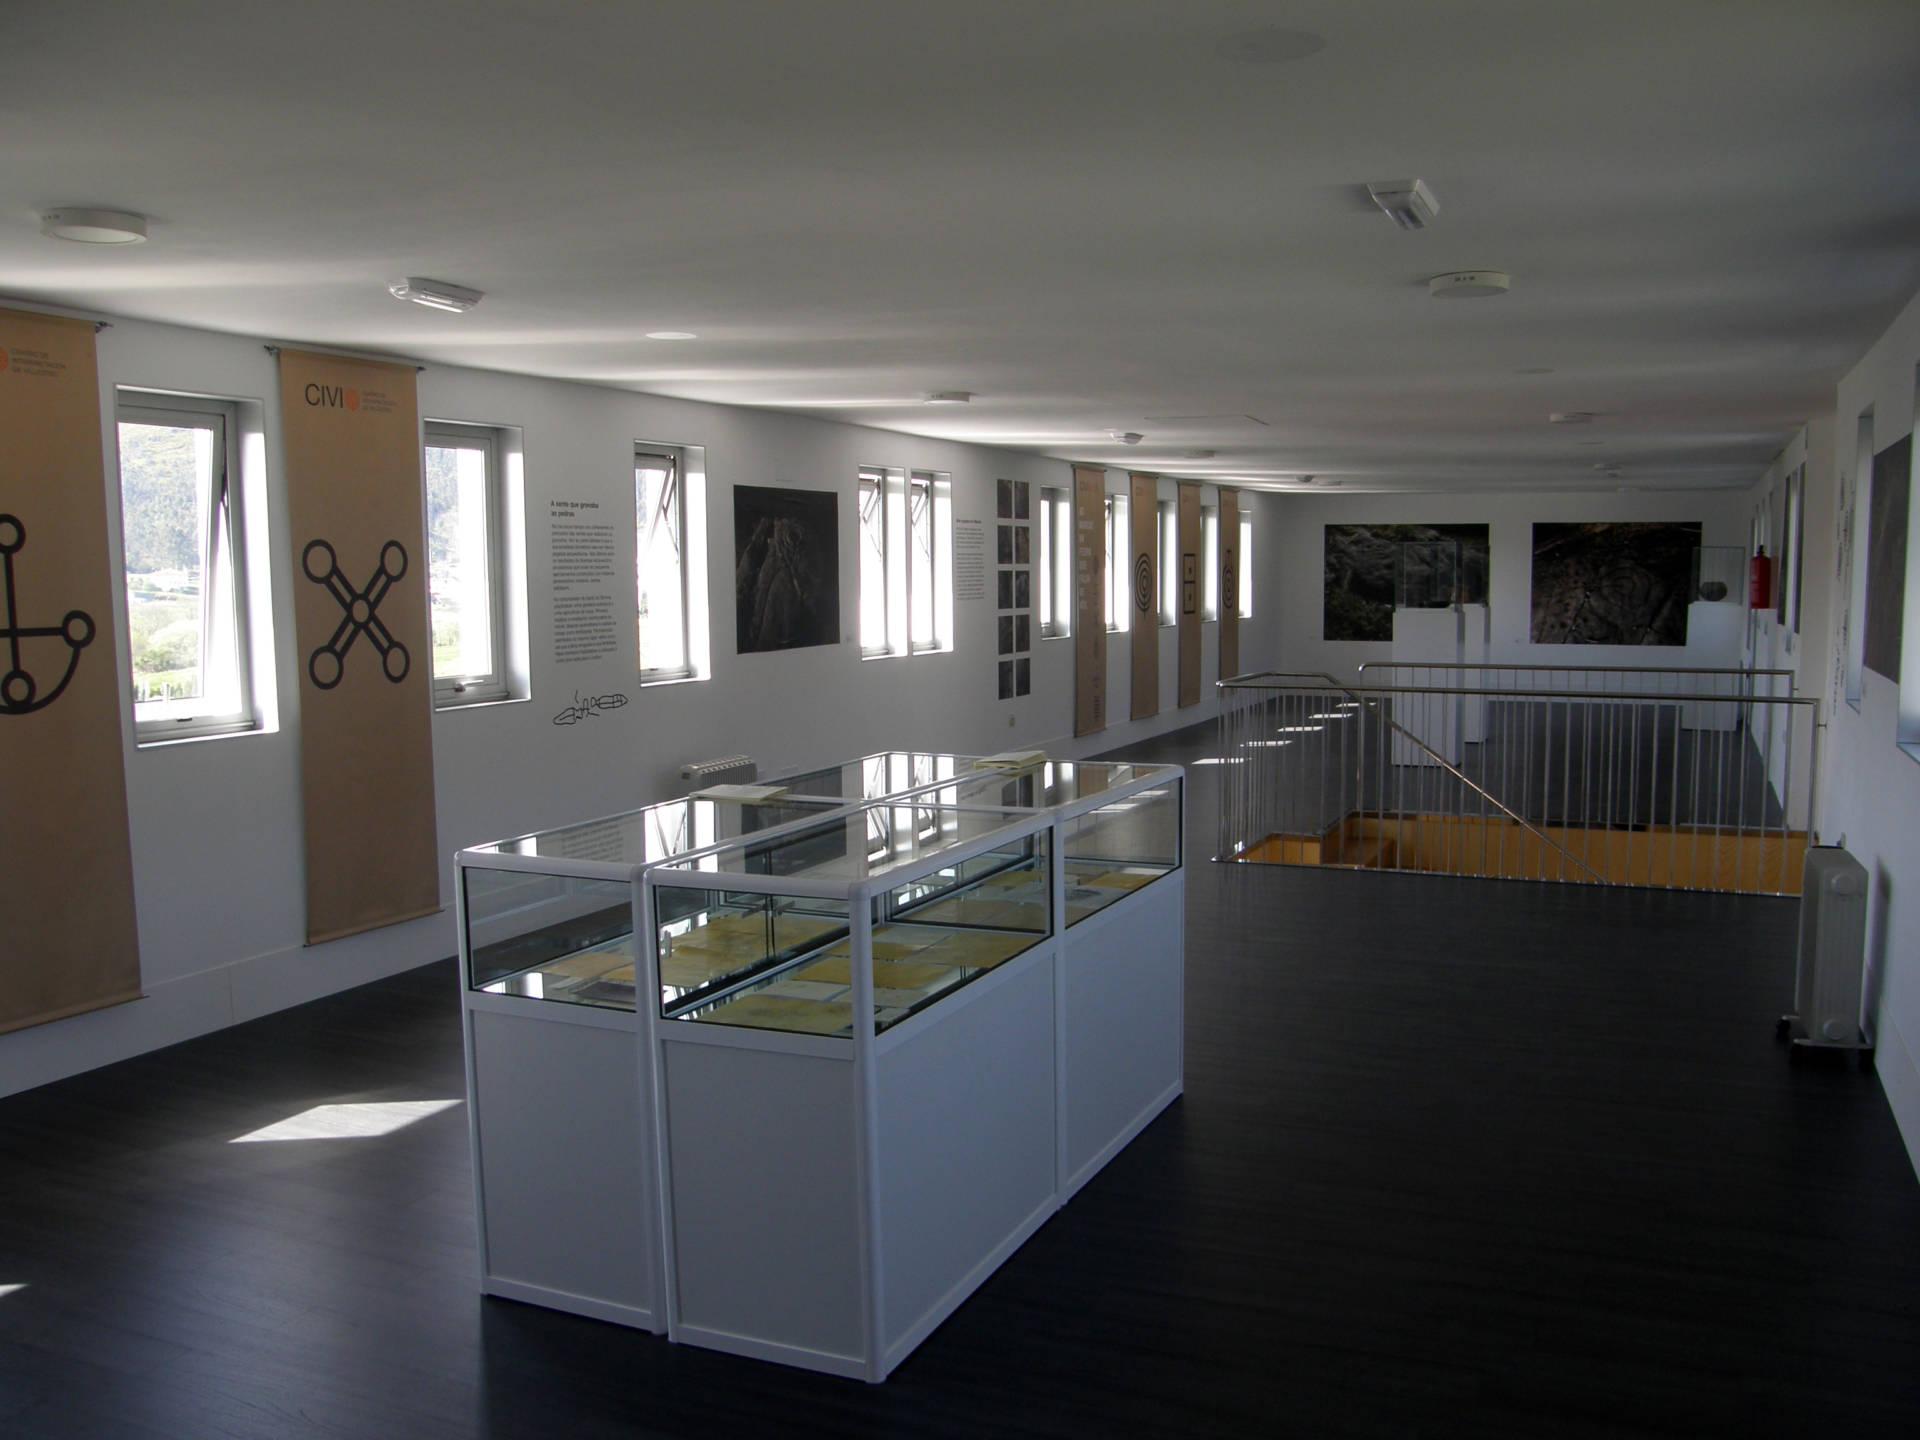 Exposición en el CIVI.